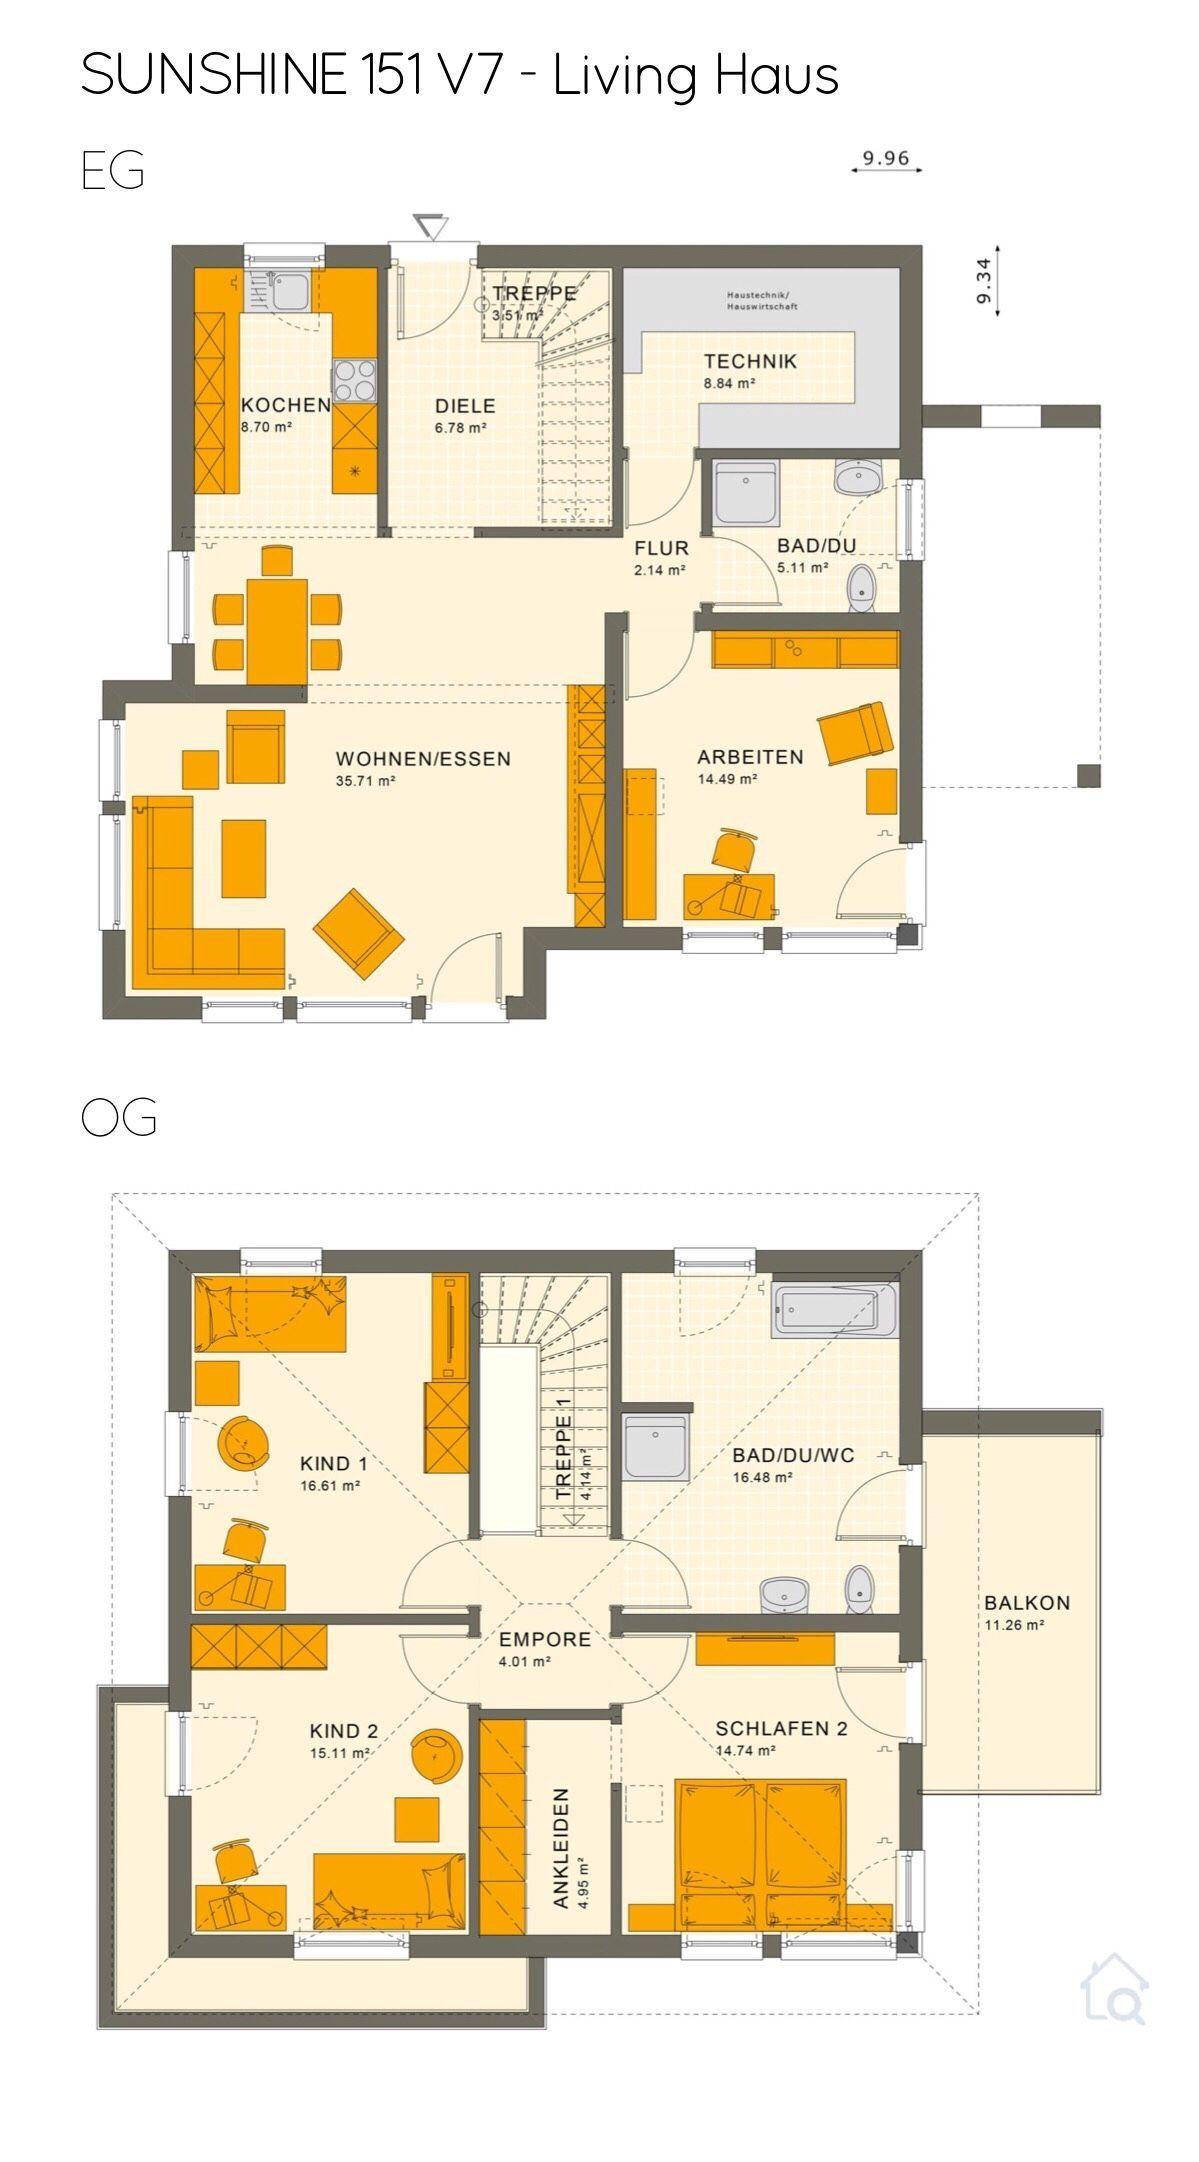 Grundriss Stadtvilla mit Walmdach 5 Zimmer, 150 qm, 3